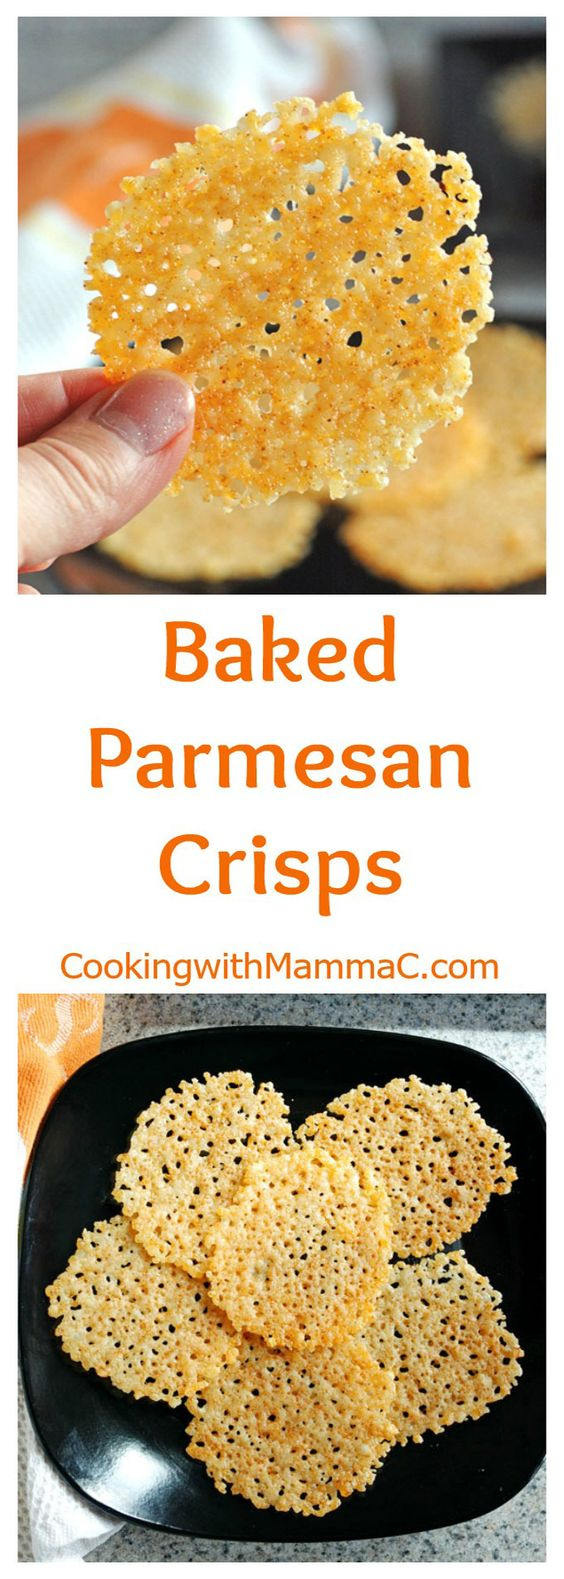 Low Carb Baked Parmesan Crisps